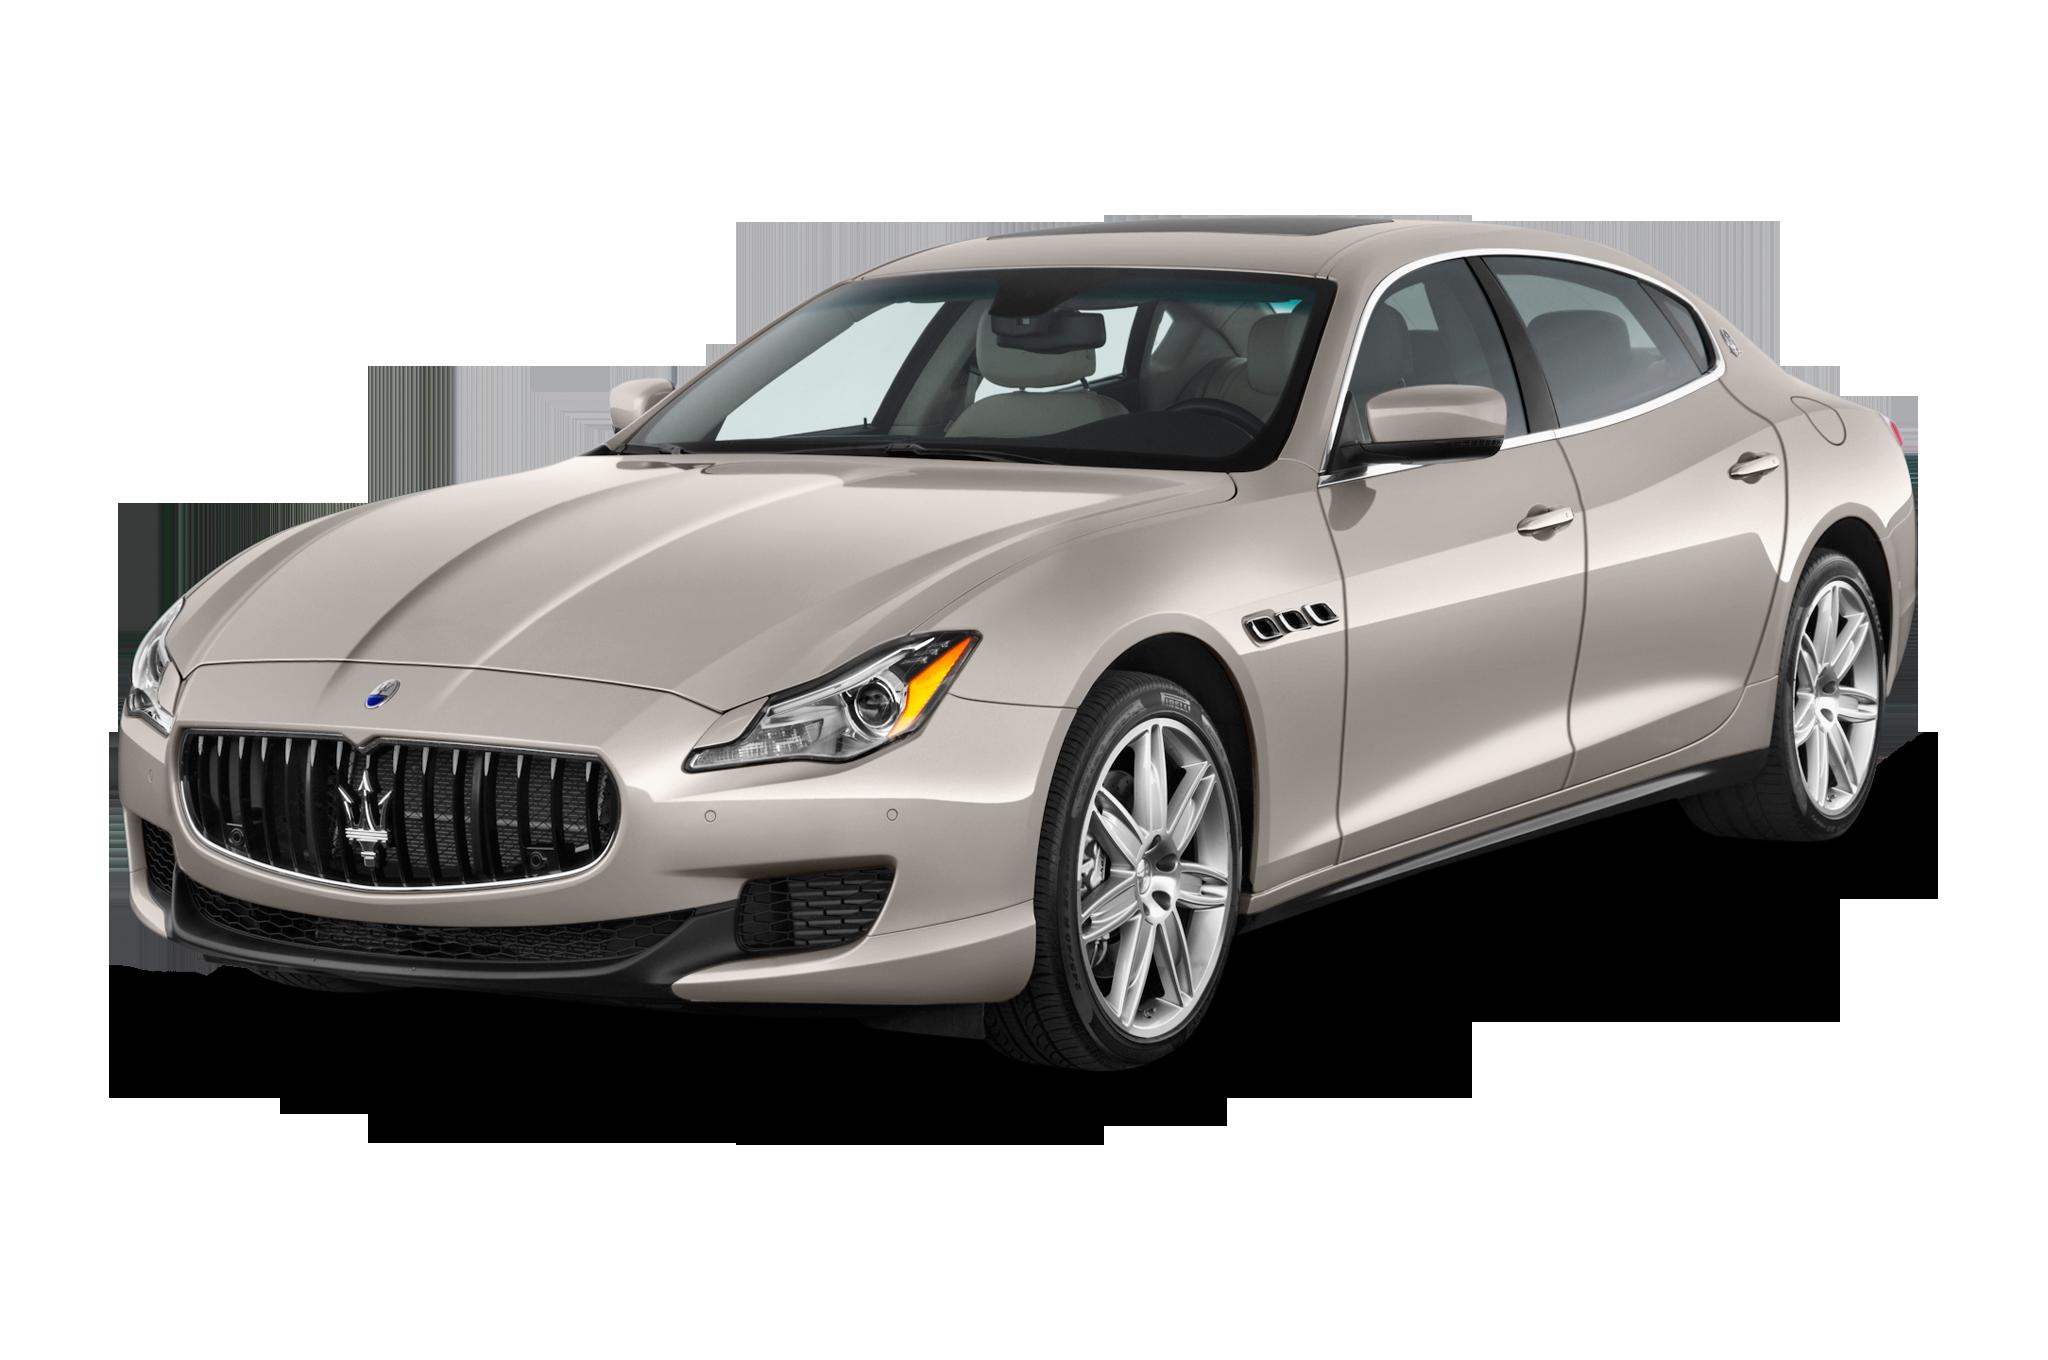 2015 Maserati Quattroporte by Novitec Tridente - YouTube |Maserati Quatra Porte